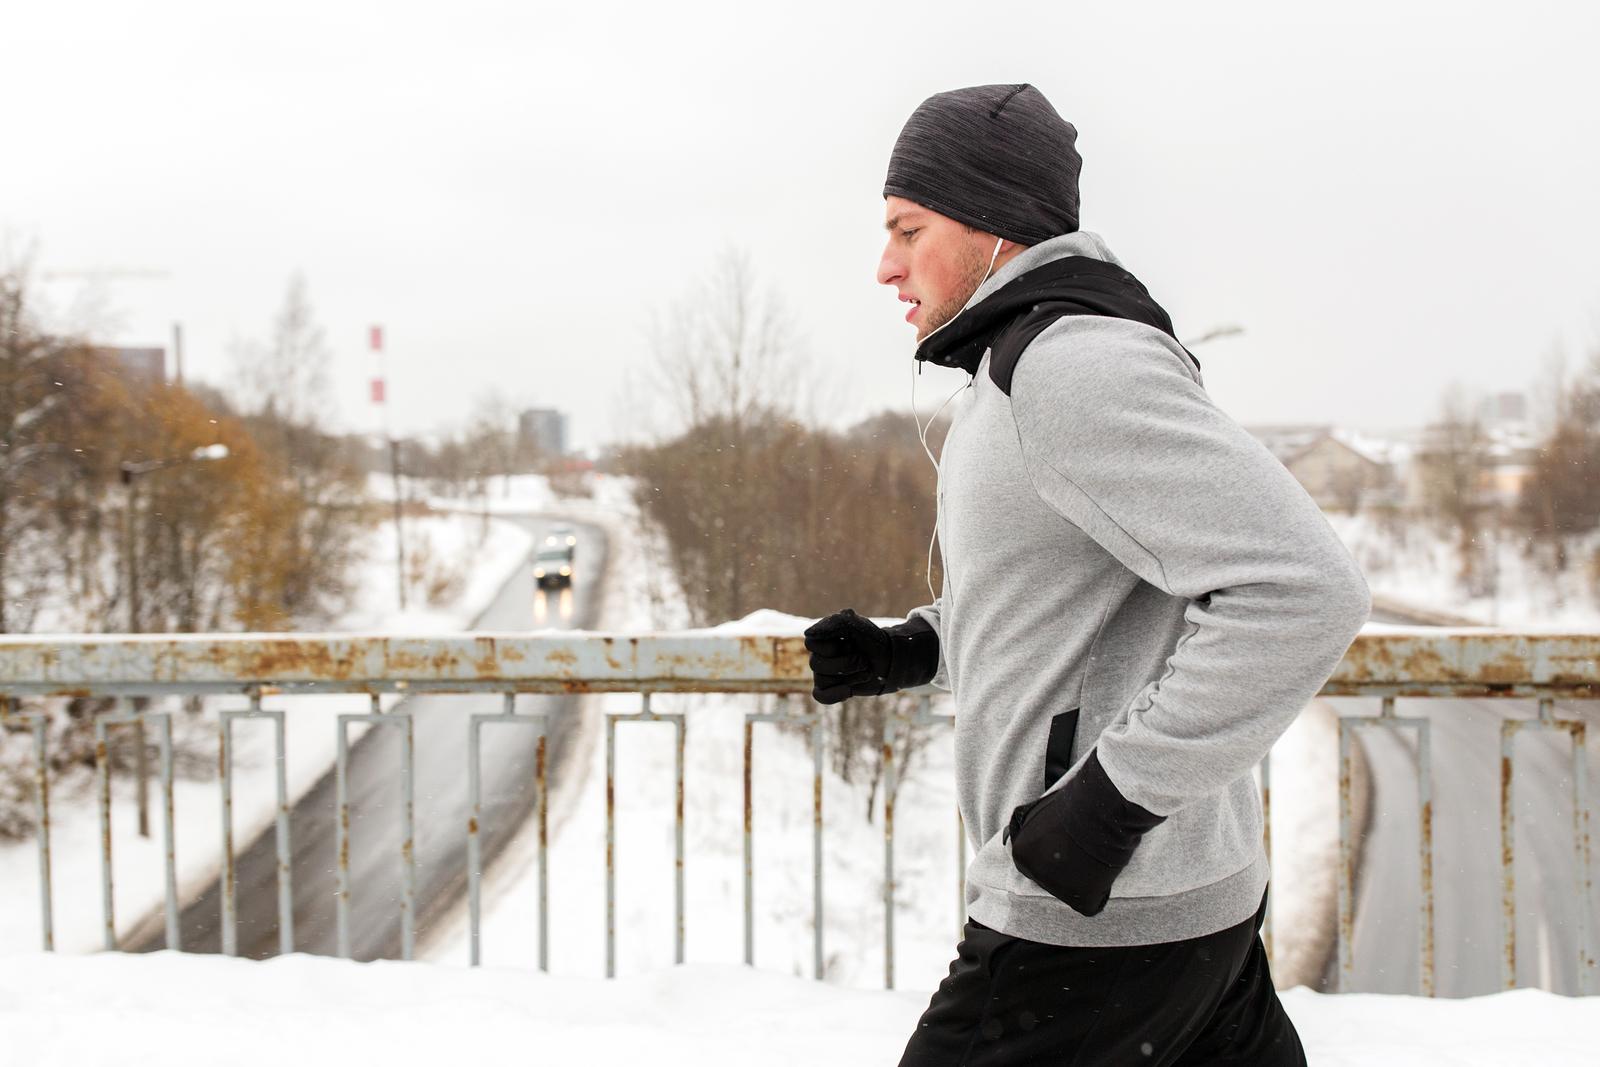 bieganie zimą jak oddychać podczas biegania